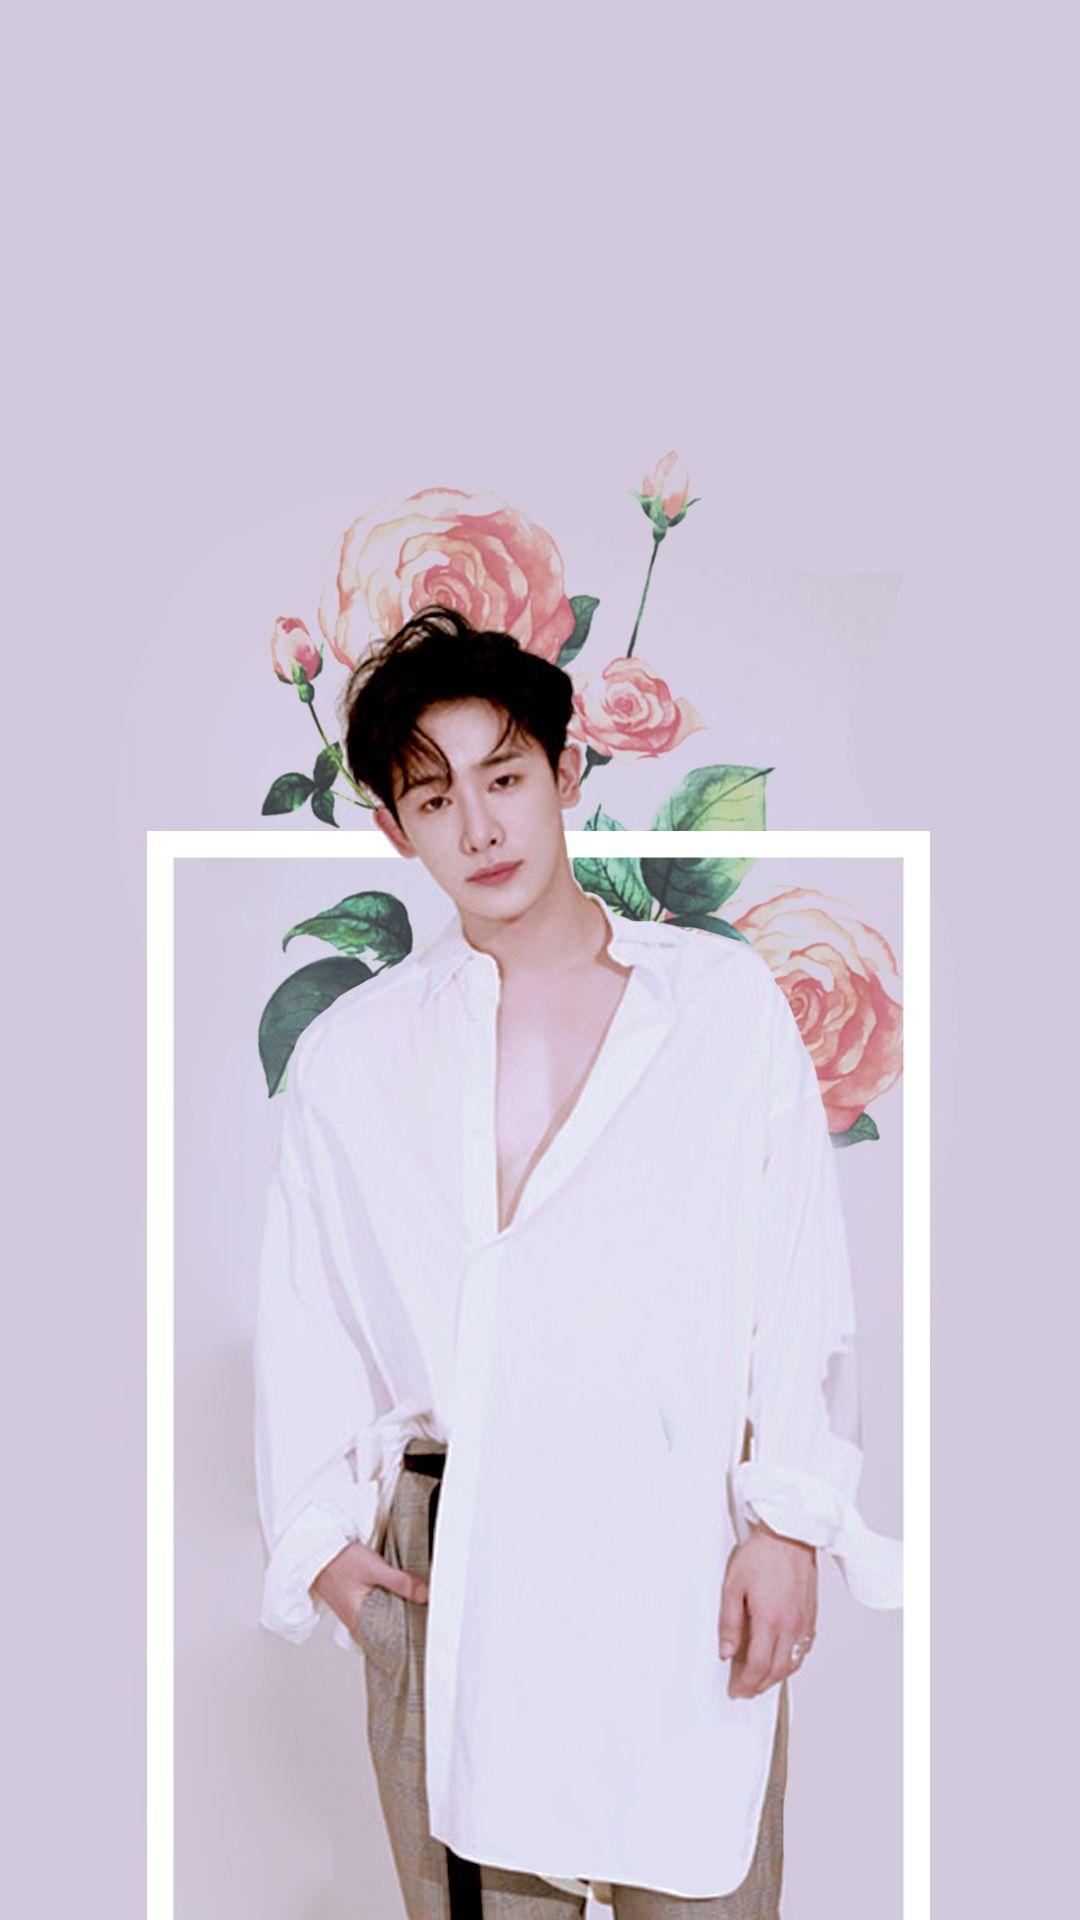 Wonho Mano Preciso Repetir Que Voce E Maravilhoso Nao Ta Boum Monsta X Monsta X Wonho Jooheon